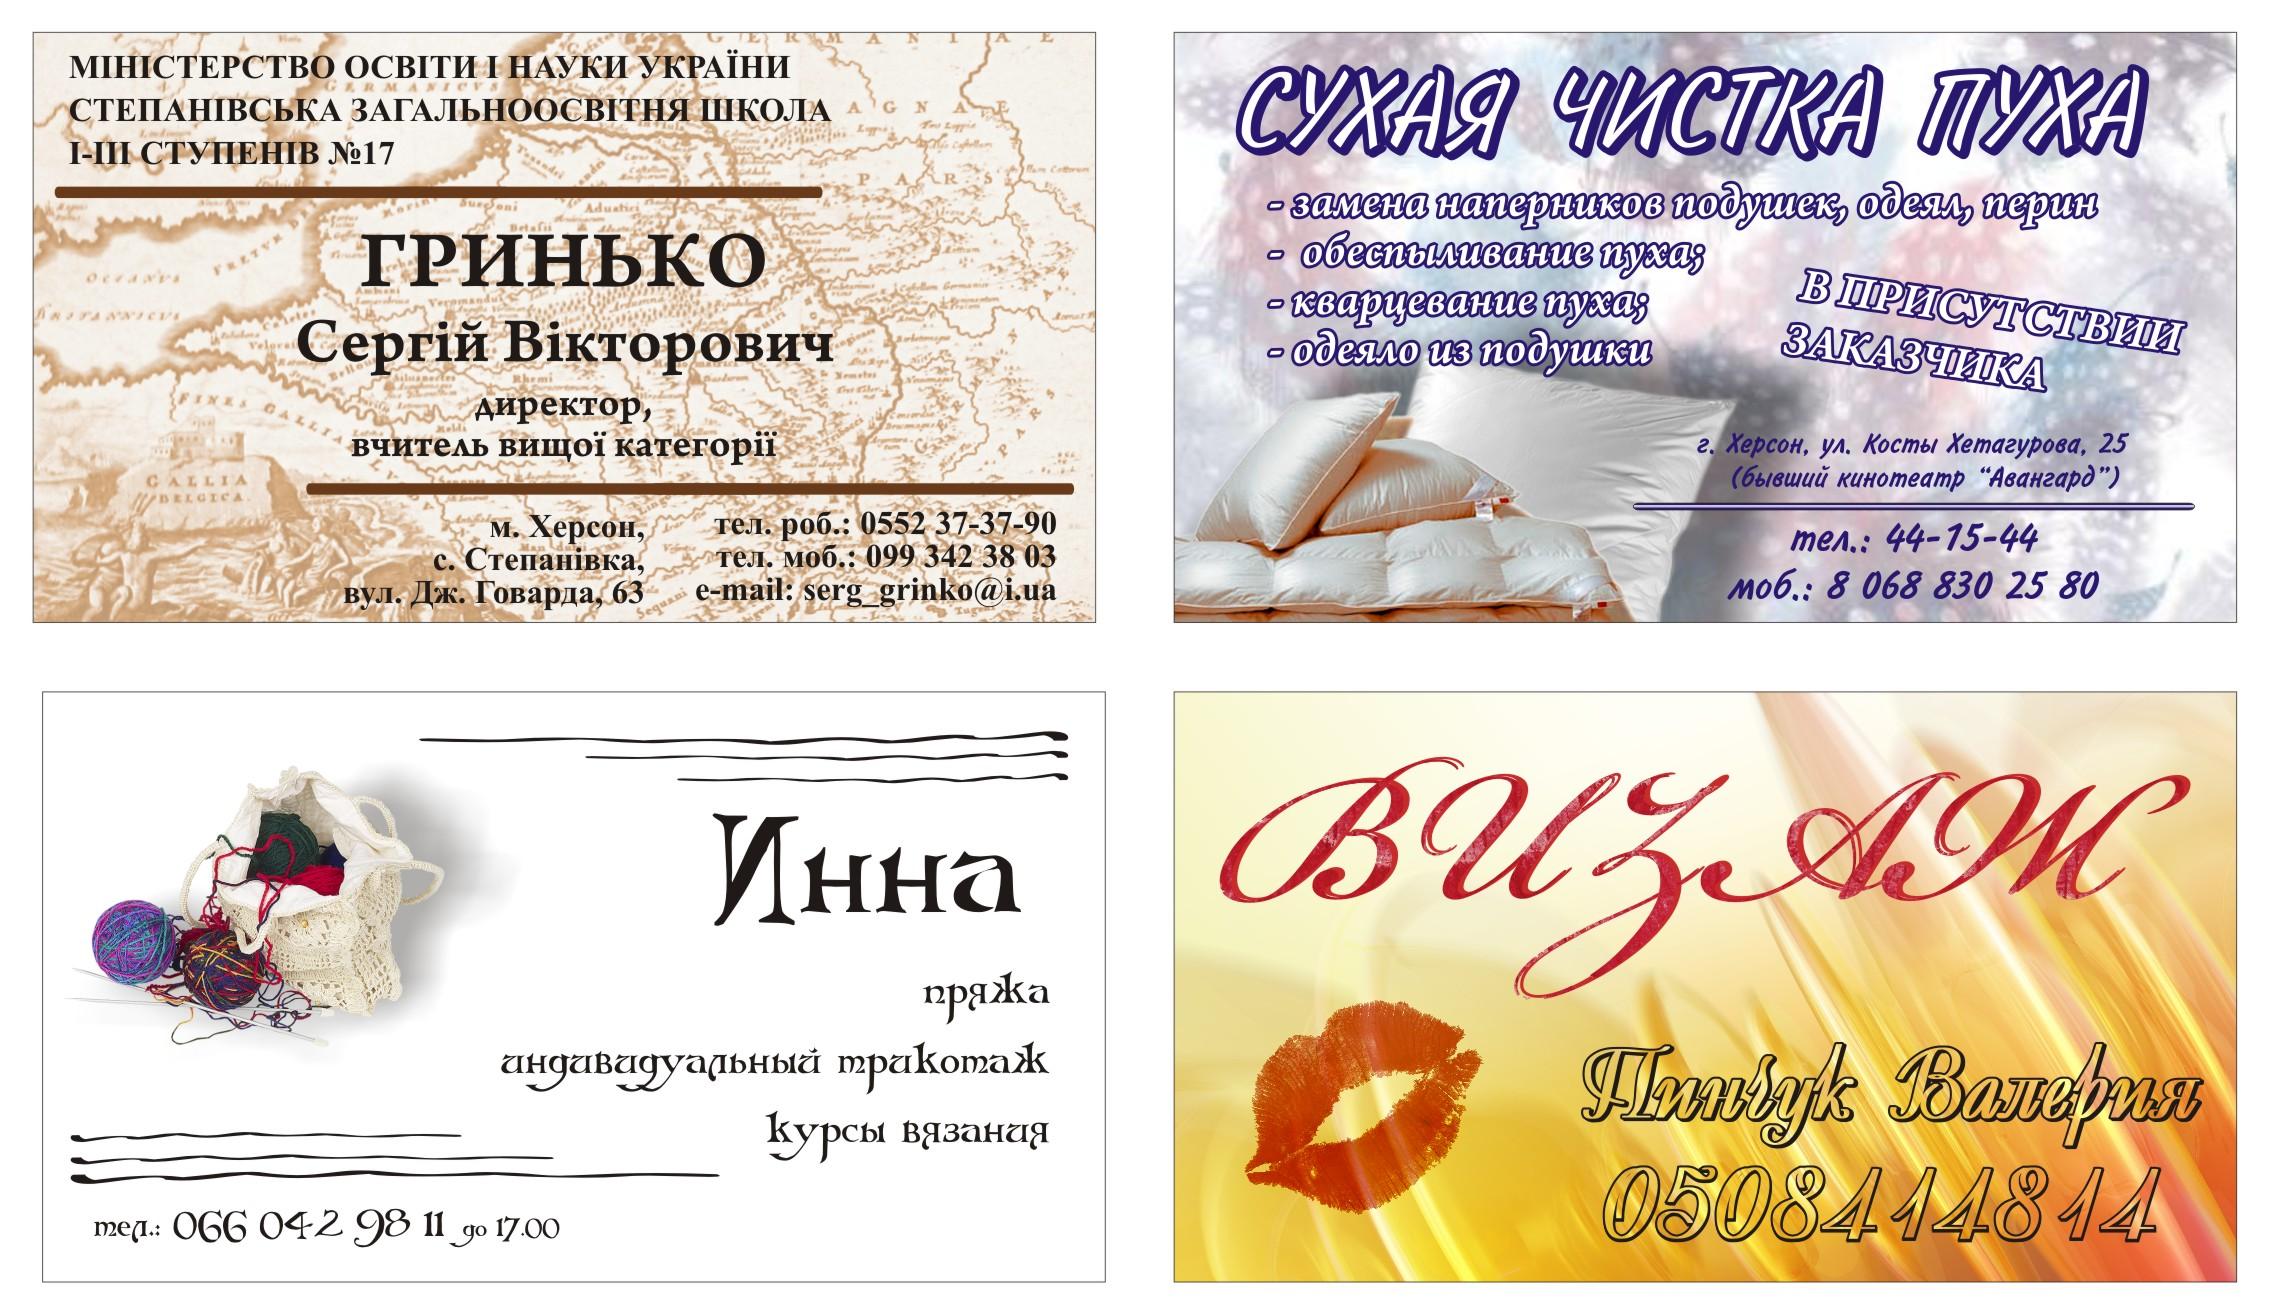 Образец визитки как сделать